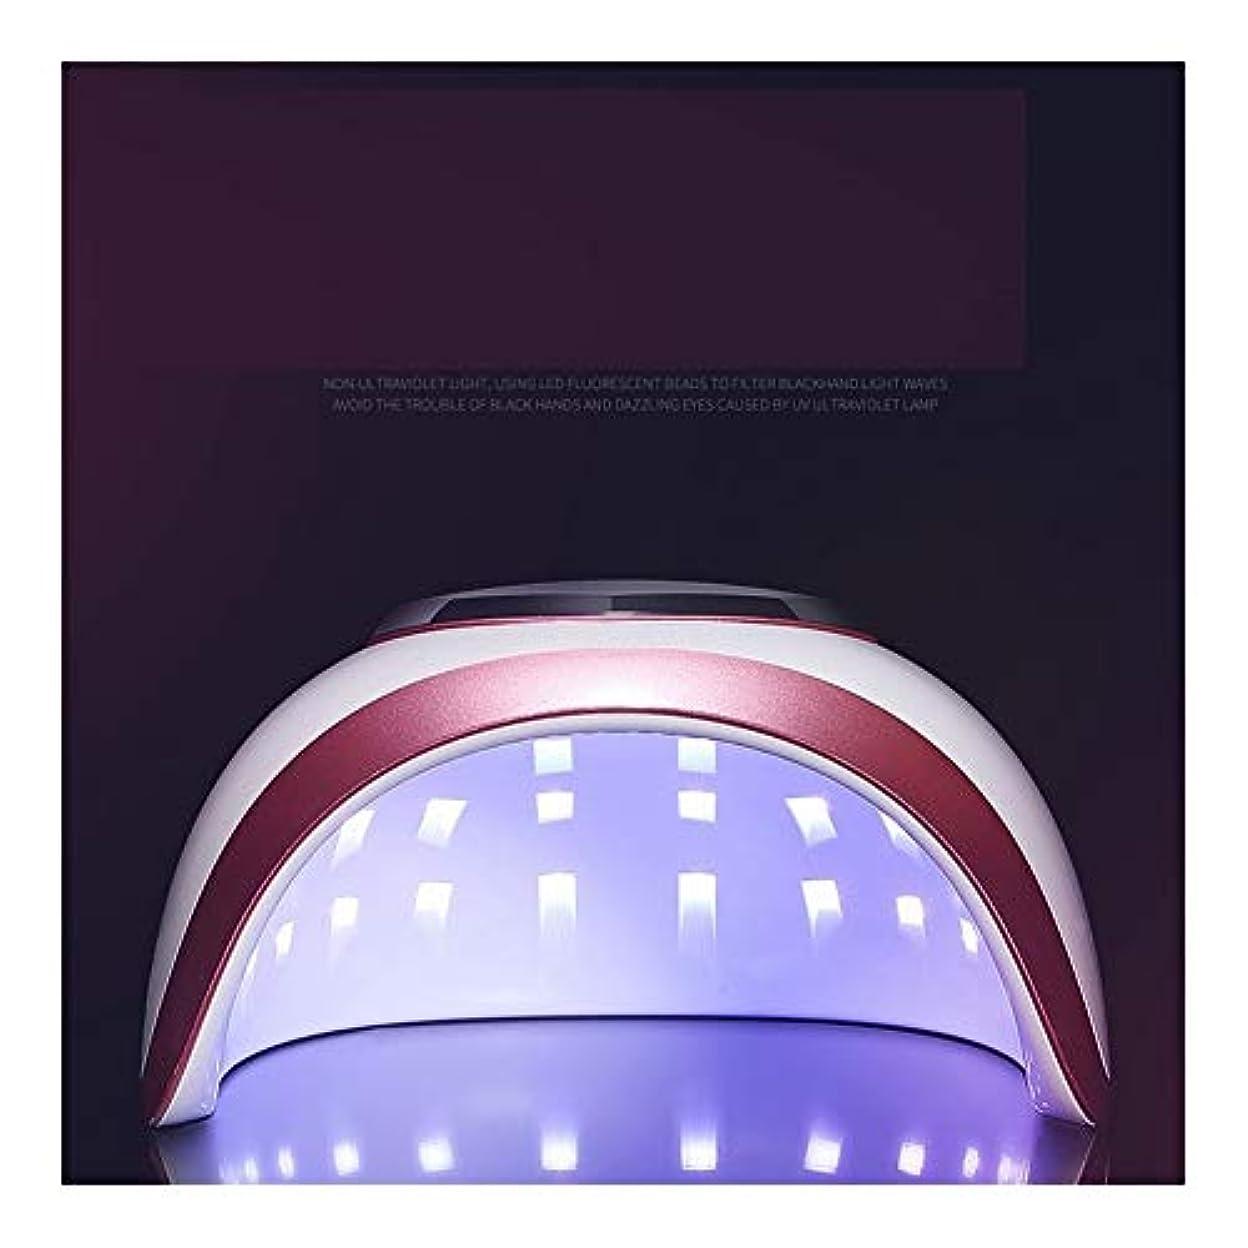 サスペンドリングレット刈り取るLittleCat 釘LEDランプライト療法機ドライヤーネイルグルーヒートランプ72W速乾性モードインテリジェントセンサー無痛 (色 : 72W red edge European regulations)